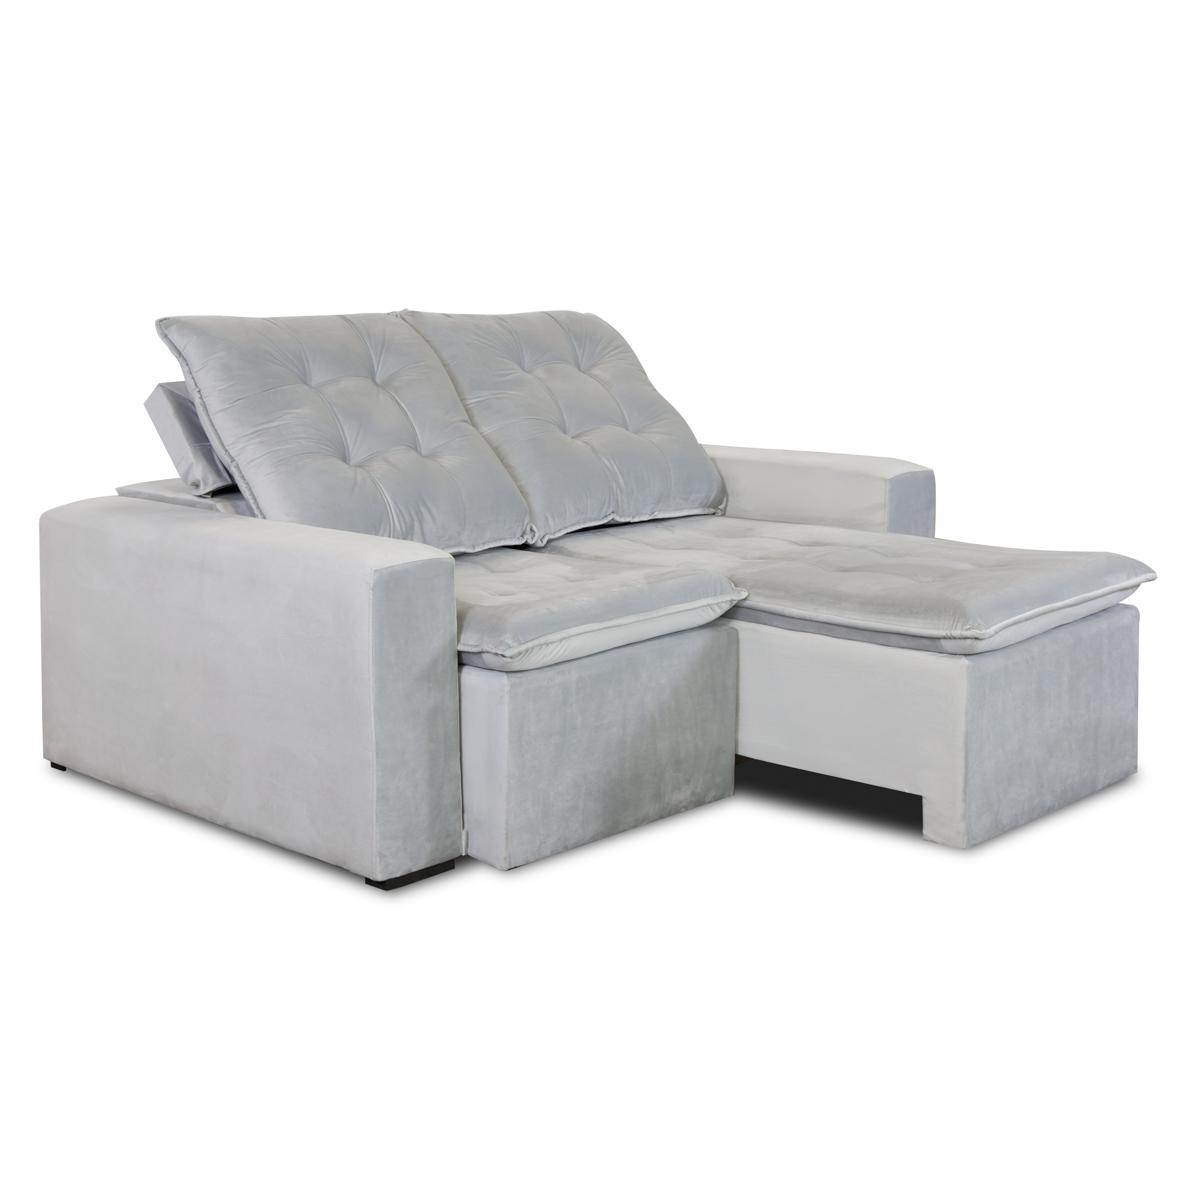 Sofá Retrátil e Reclinável 180cm Trento Cinza